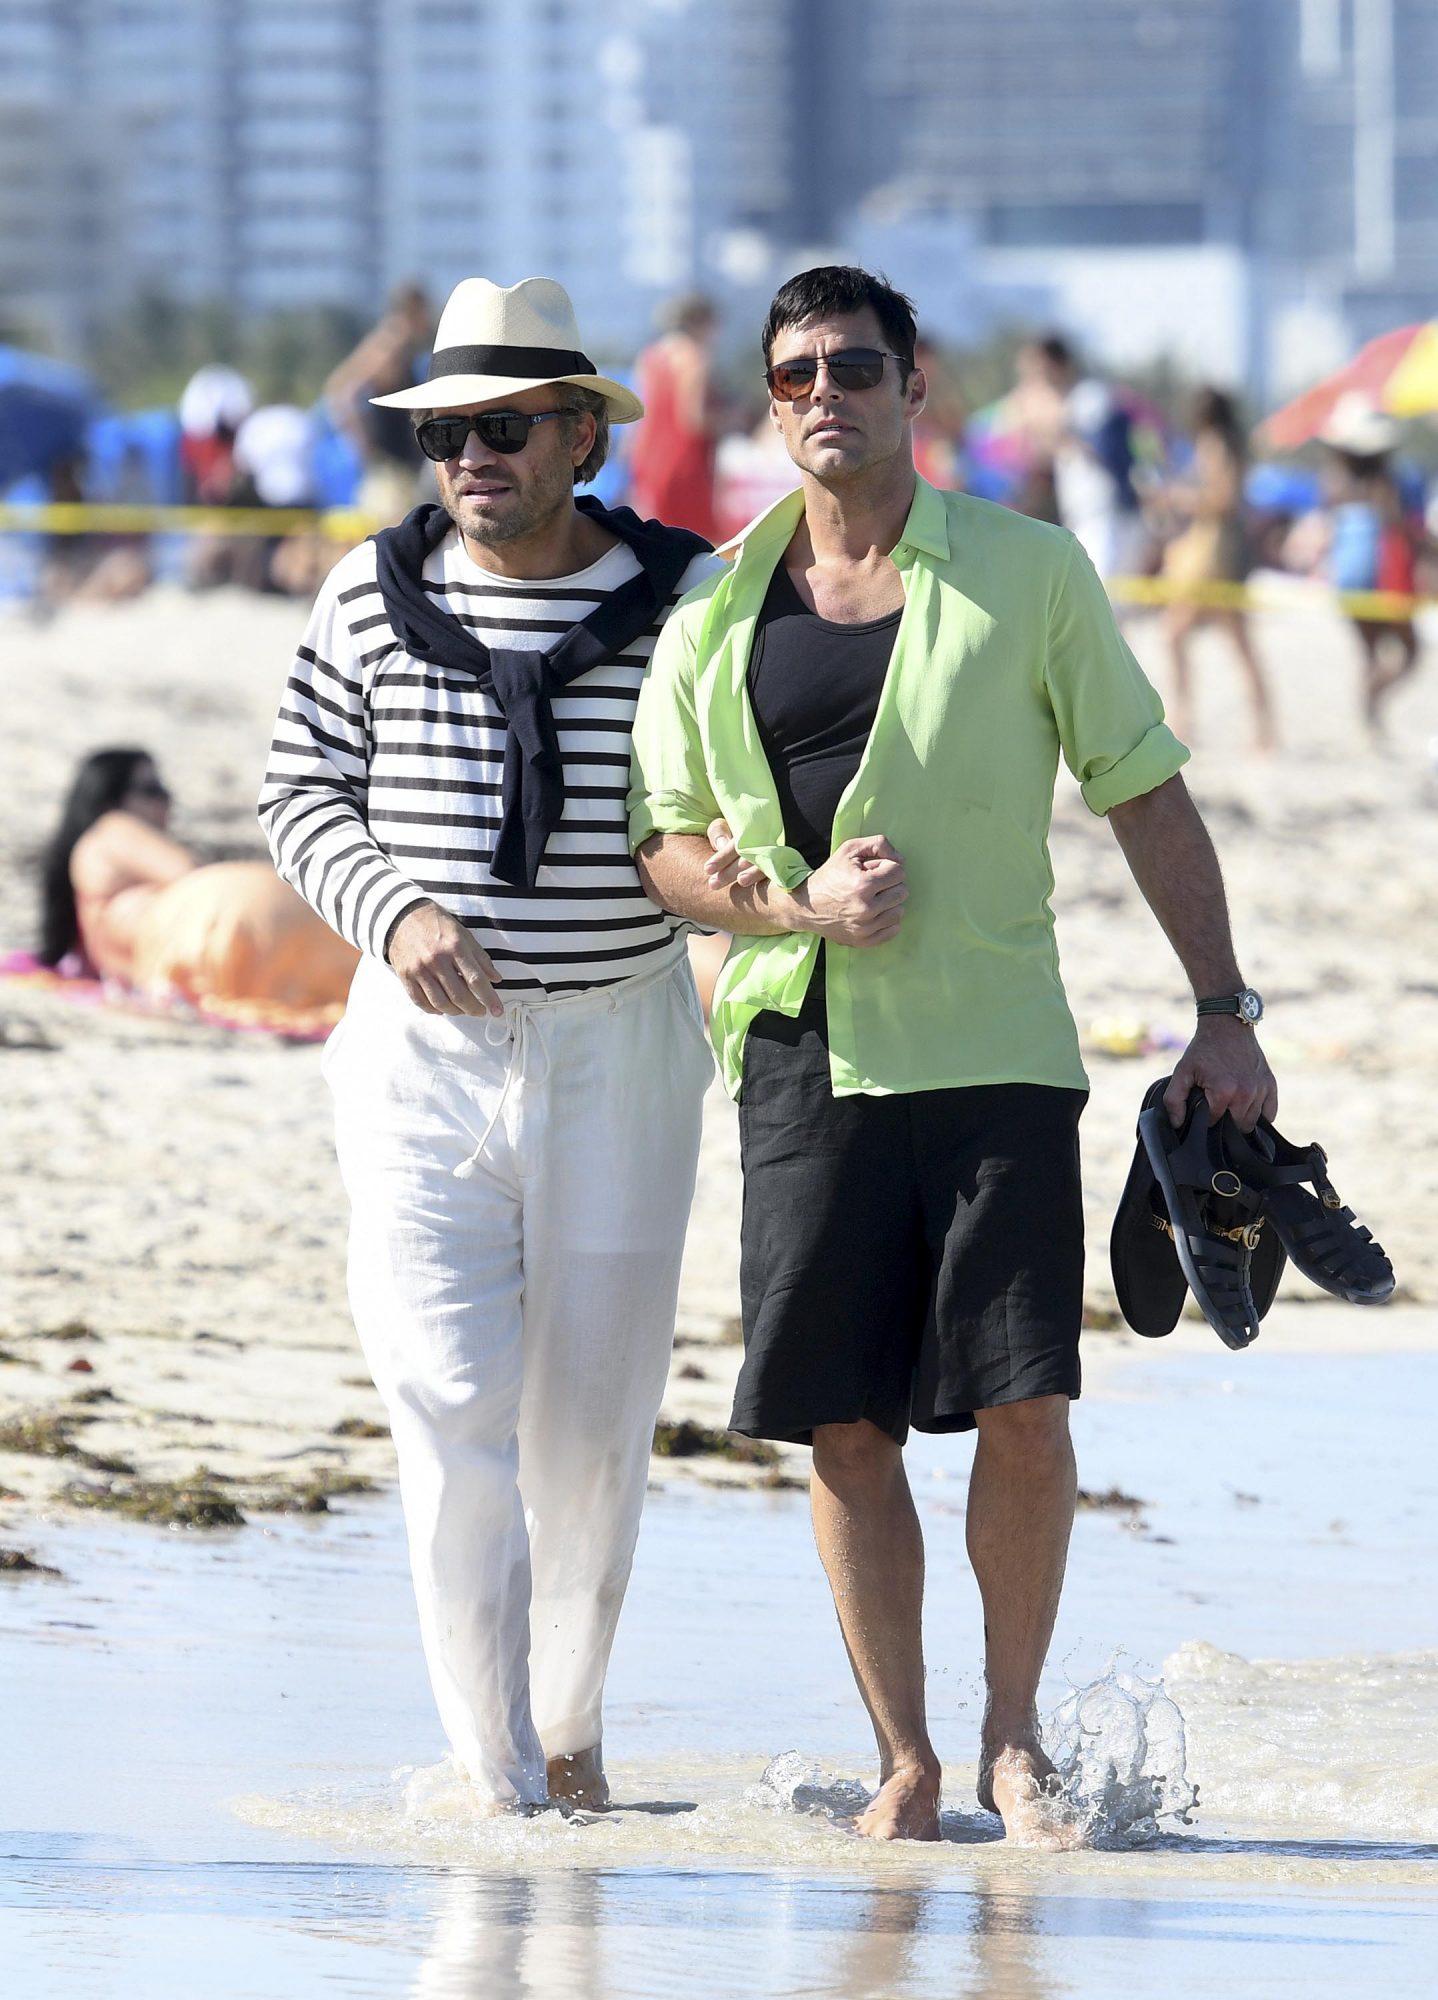 Ricky Martin y Edgar Ramirez filmando American Crime Story: Versace in Miami